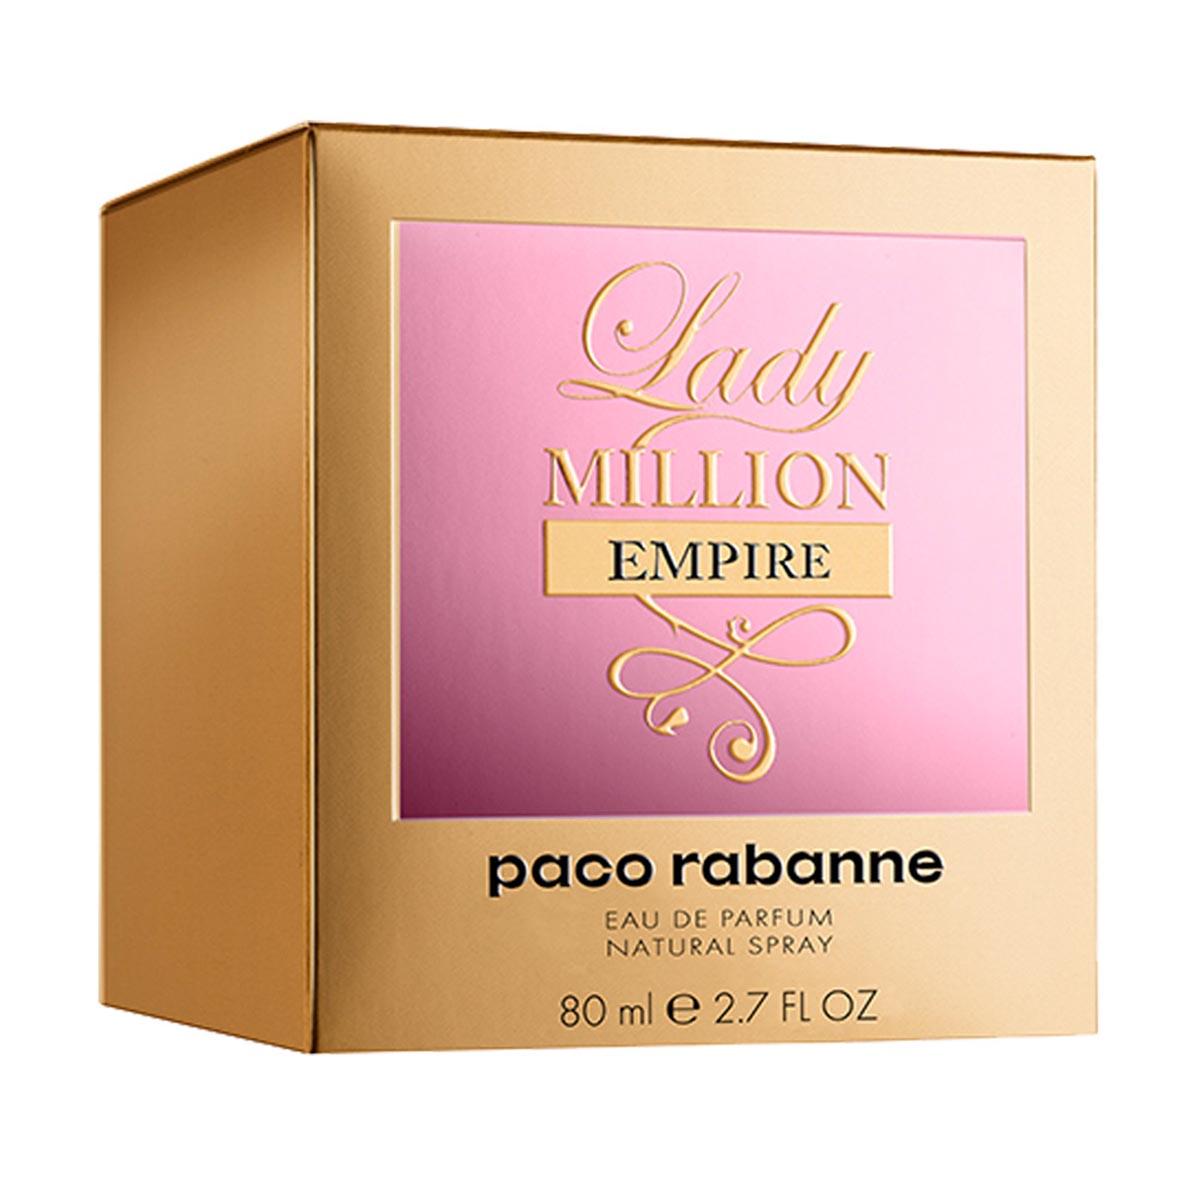 Paco rabanne lady million empire eau de parfum 80ml vaporizador